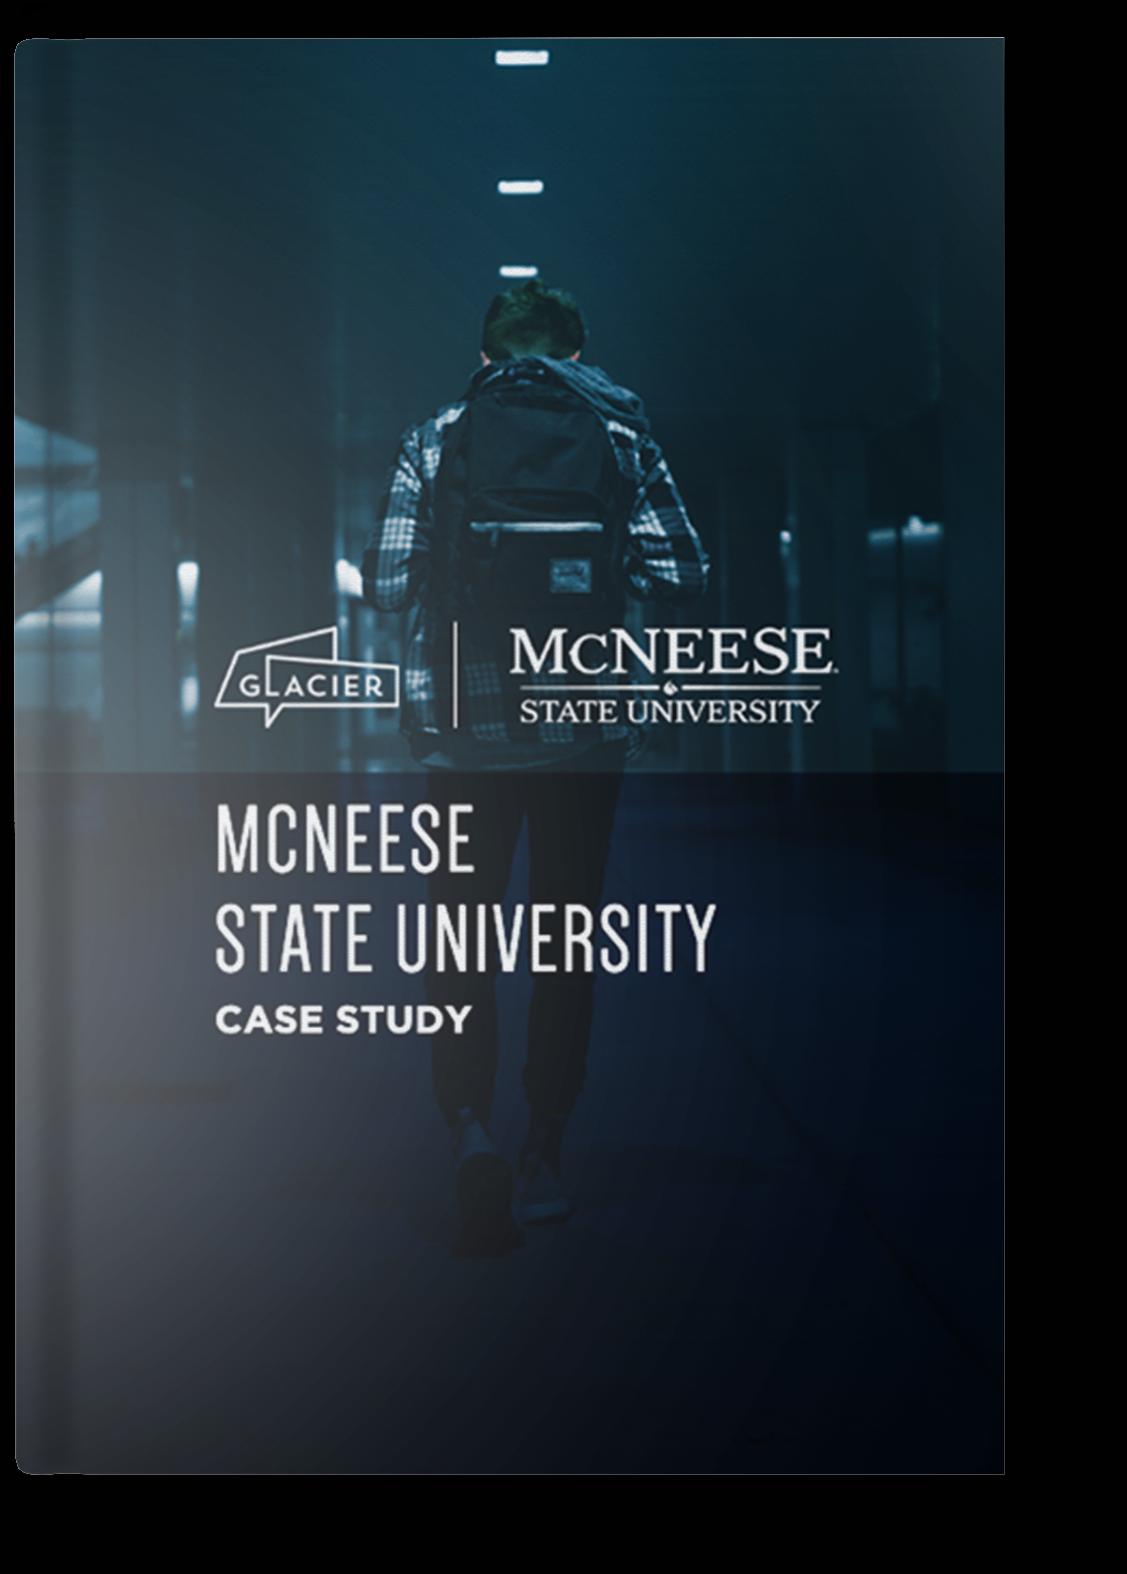 McNeese-1